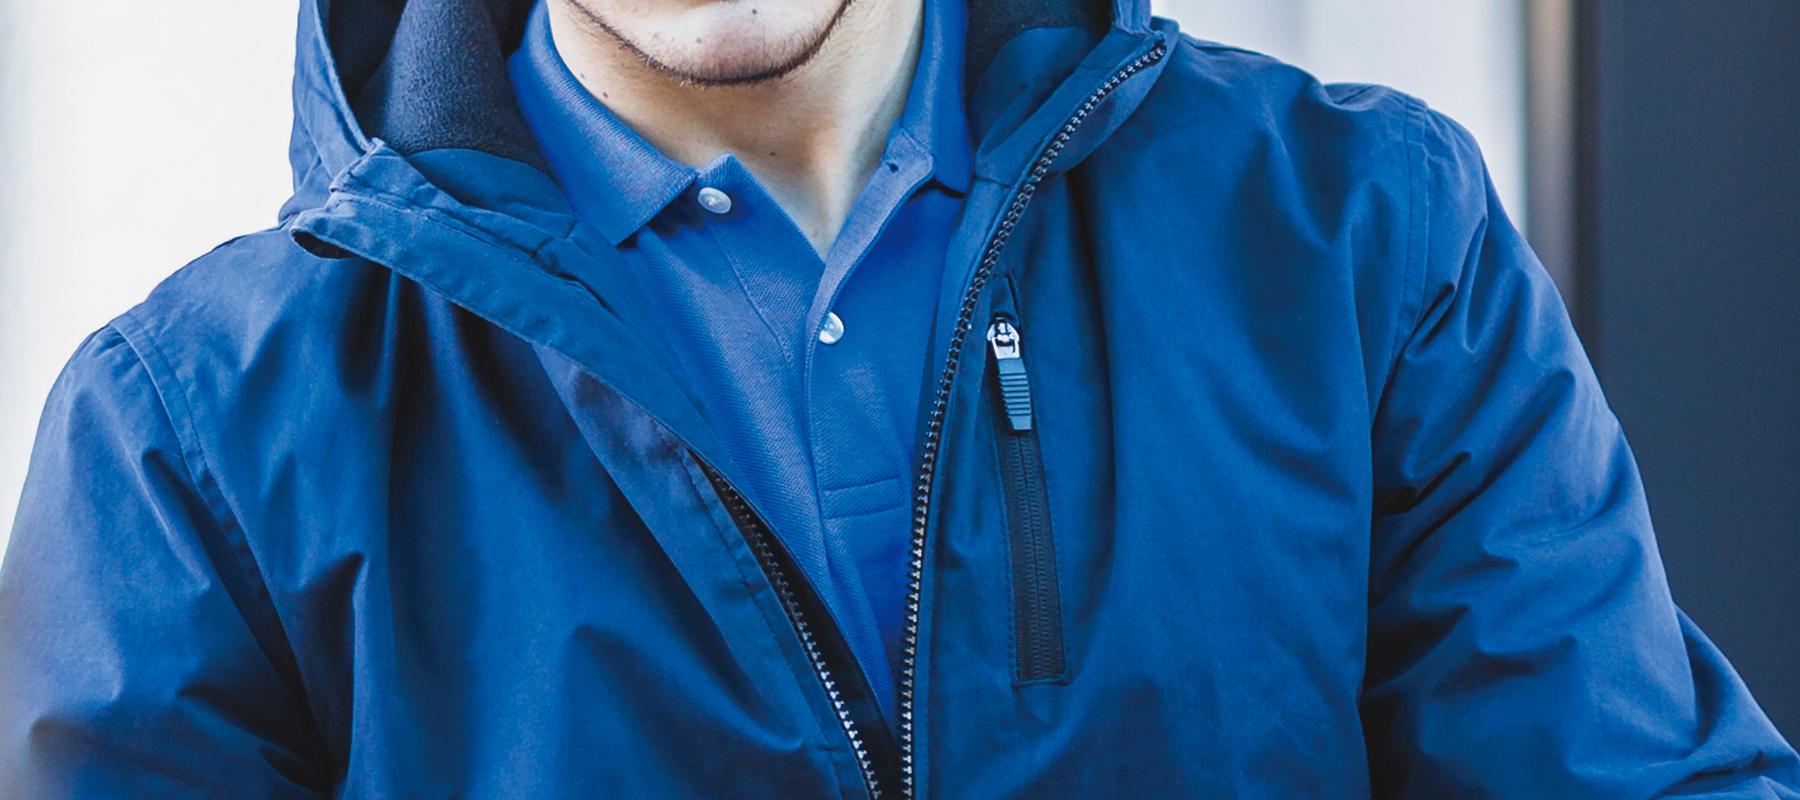 作業服・事務服などの業務用オーダーポロシャツを完全オリジナル製作